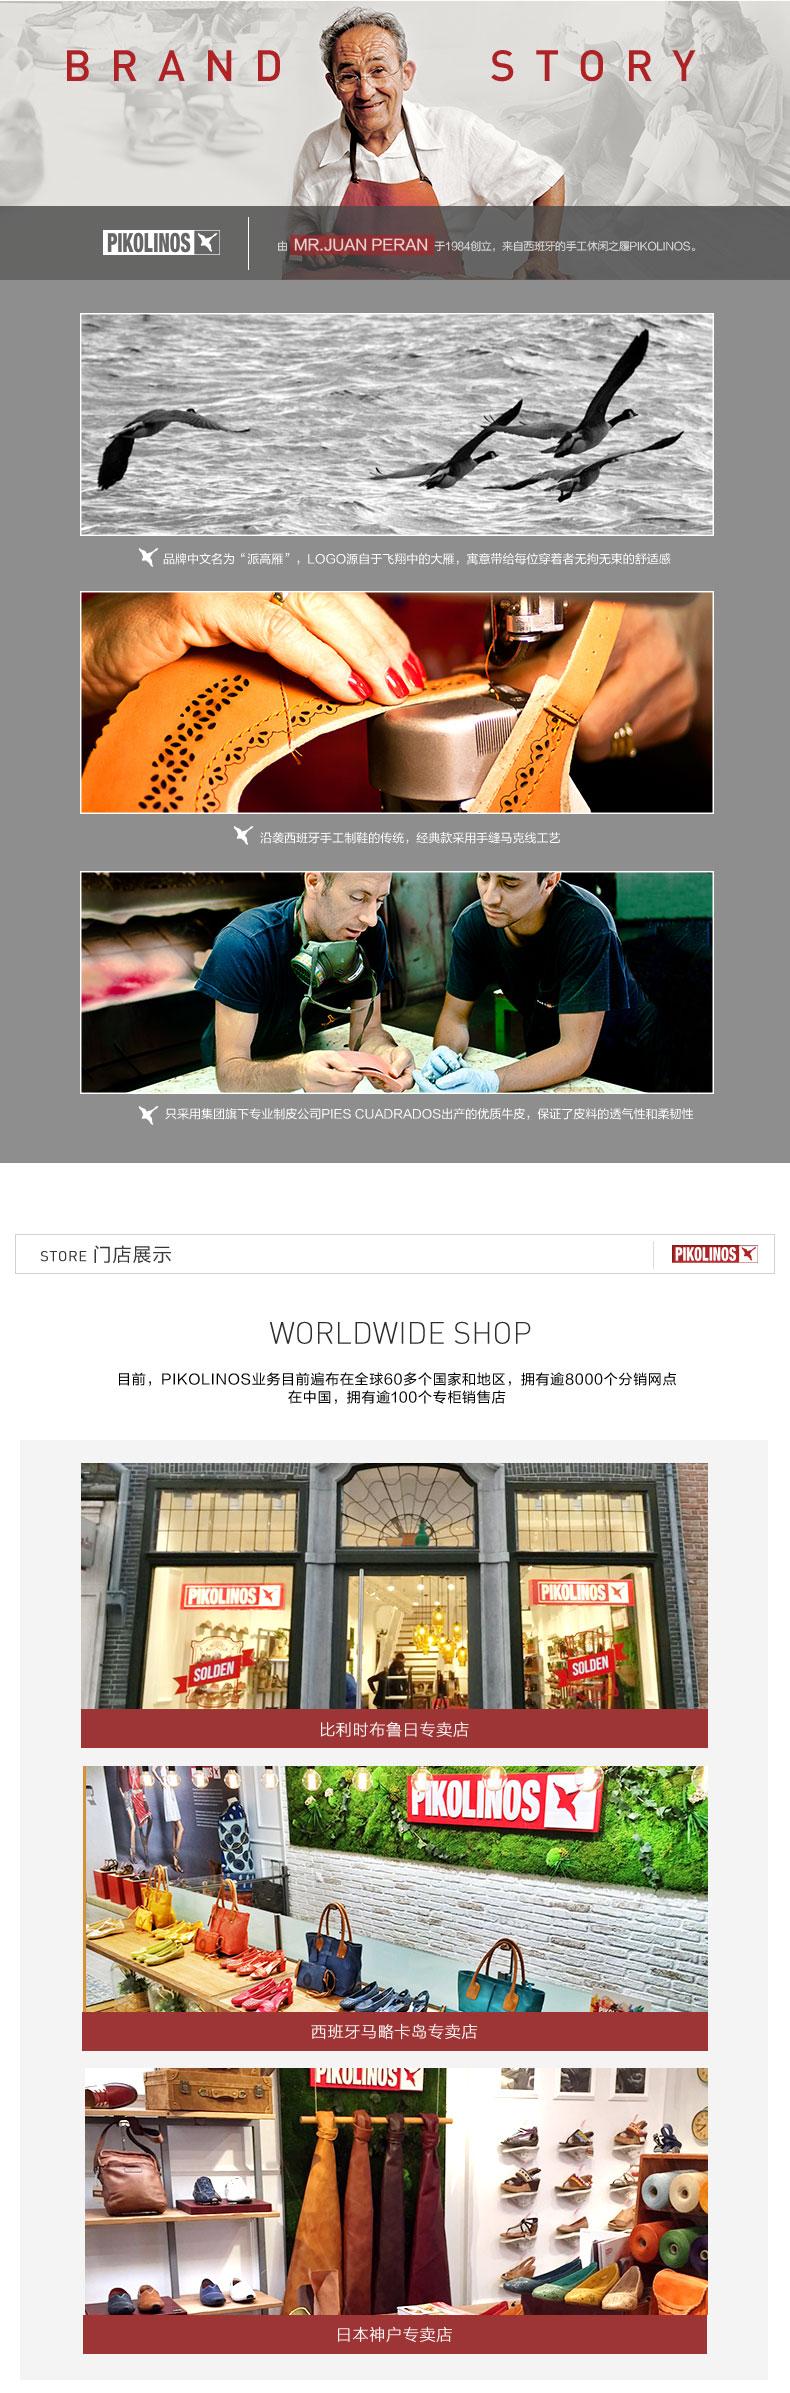 (8)门店展示和品牌.jpg